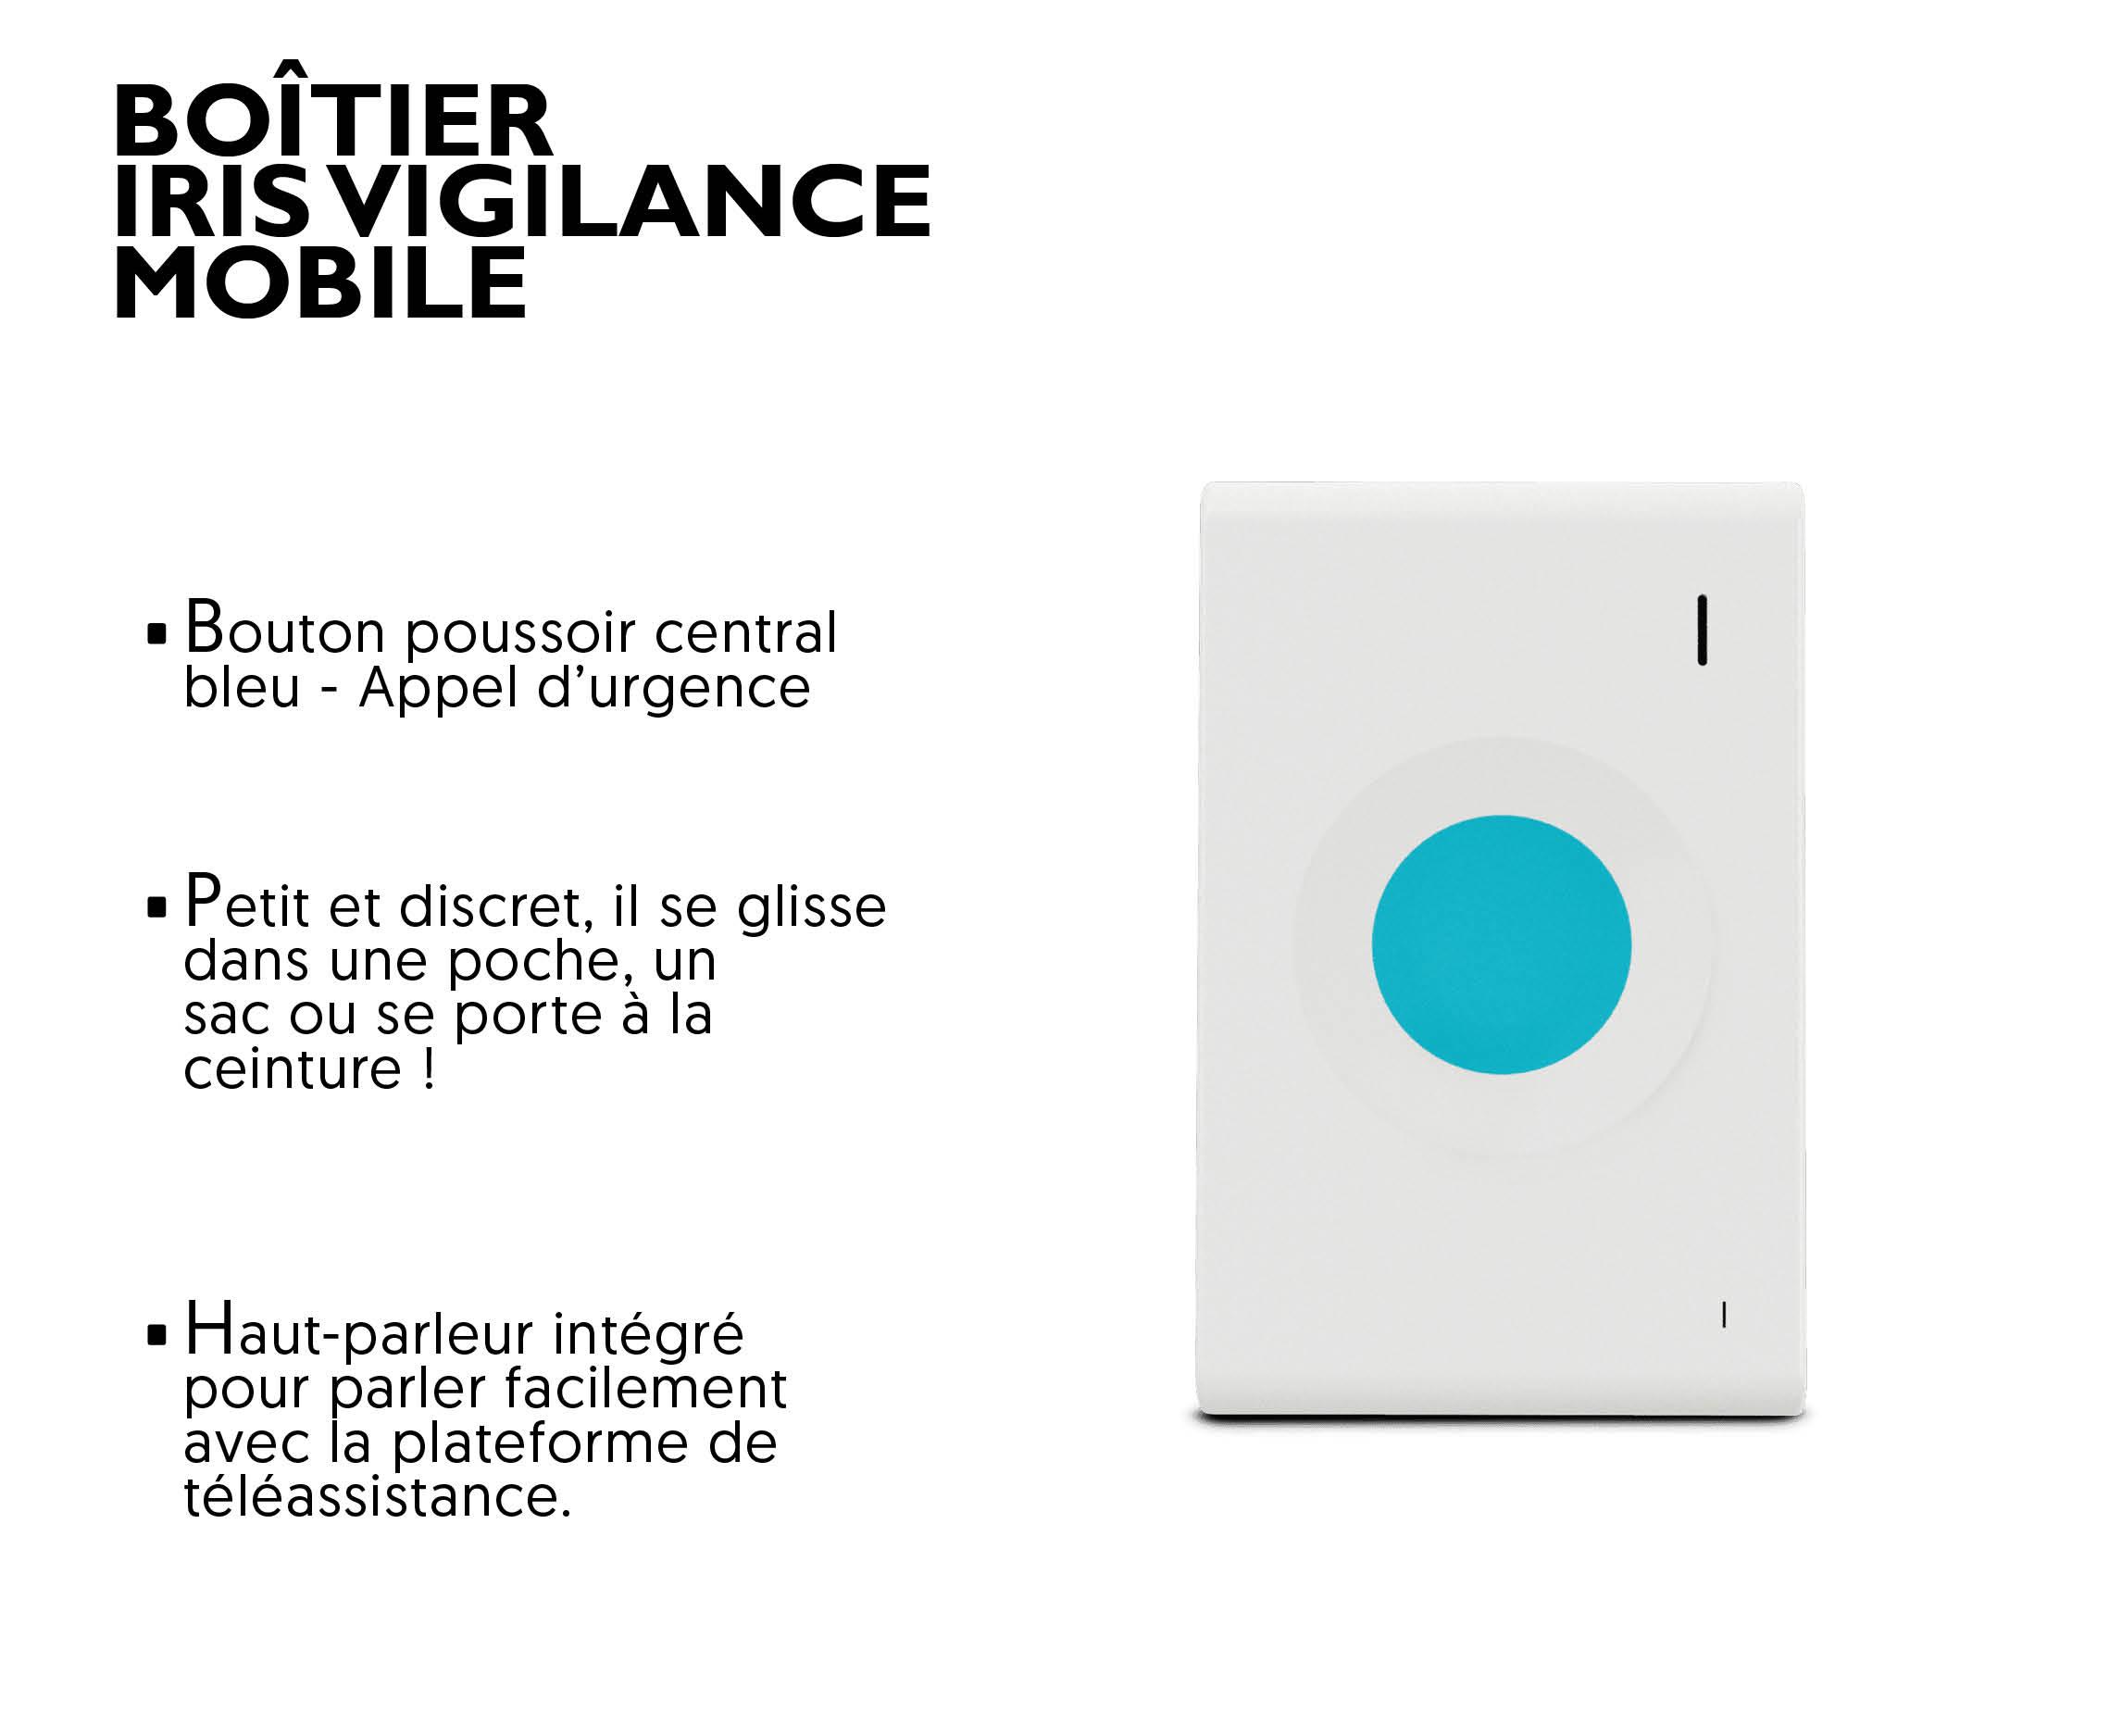 boitier pour téléassistance mobile senior